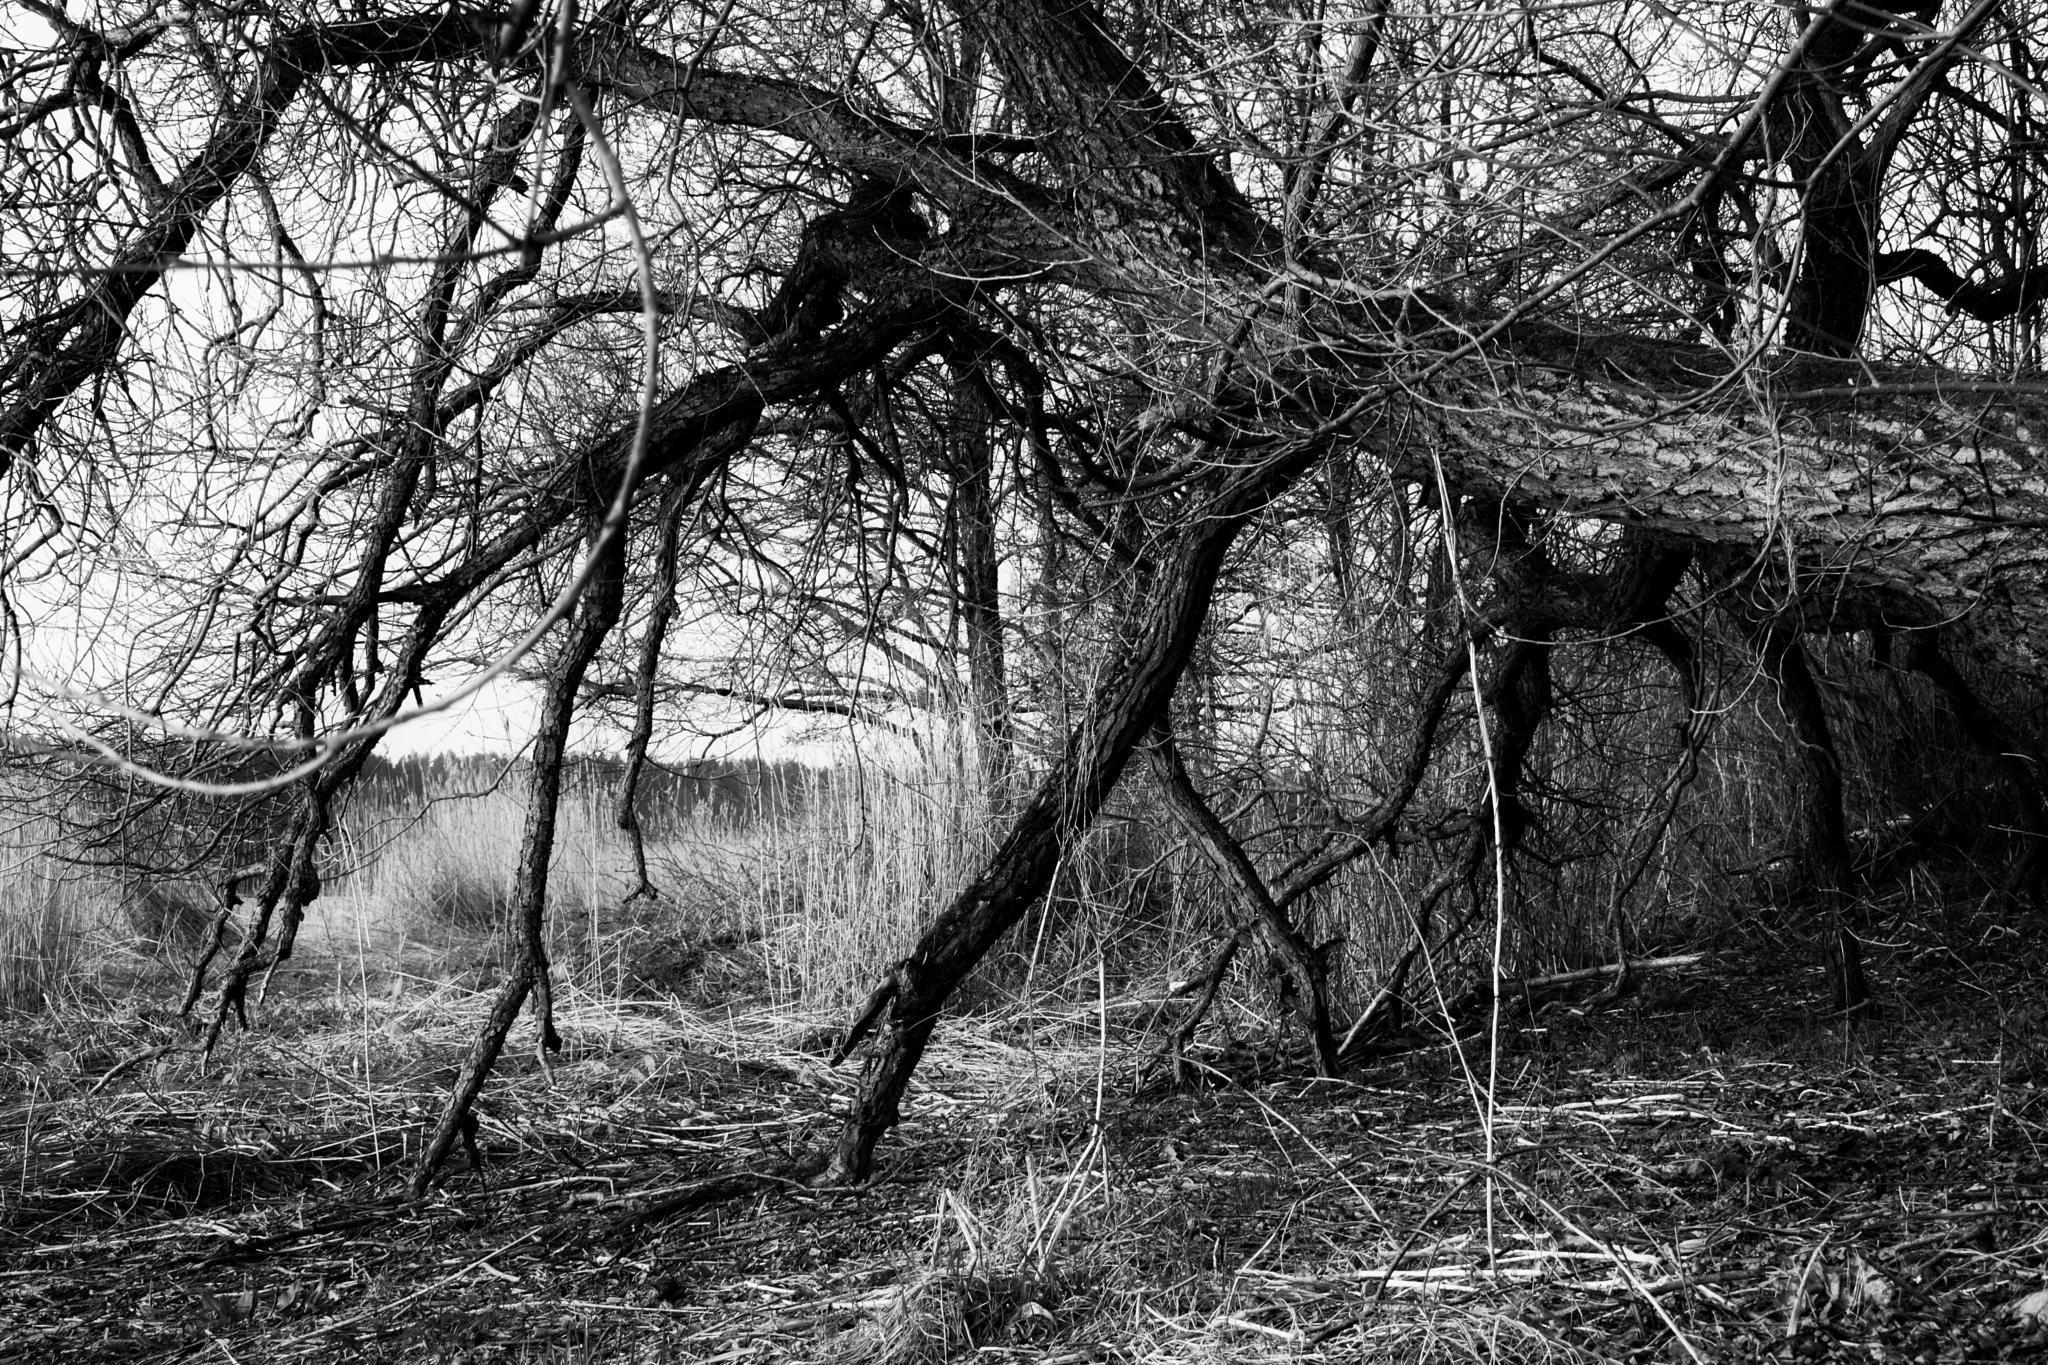 Dead tree by Art Wind